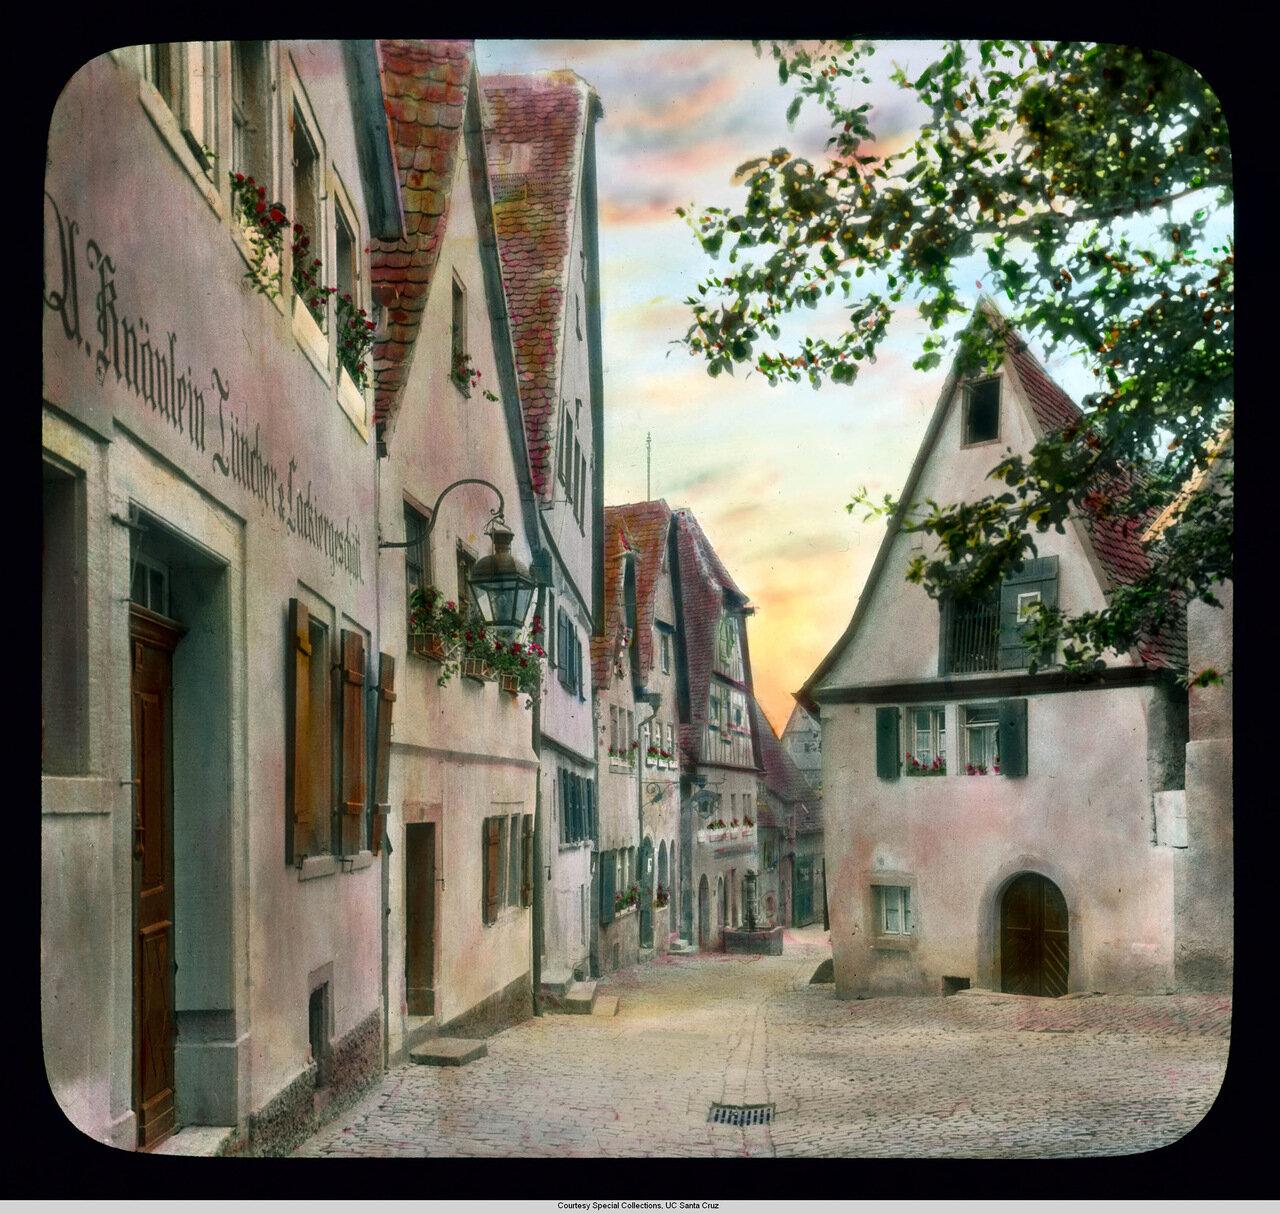 Ротенбург-на-Таубере. Альтштадт (Старый город), дома с узкими, вымощенными булыжниками улицами